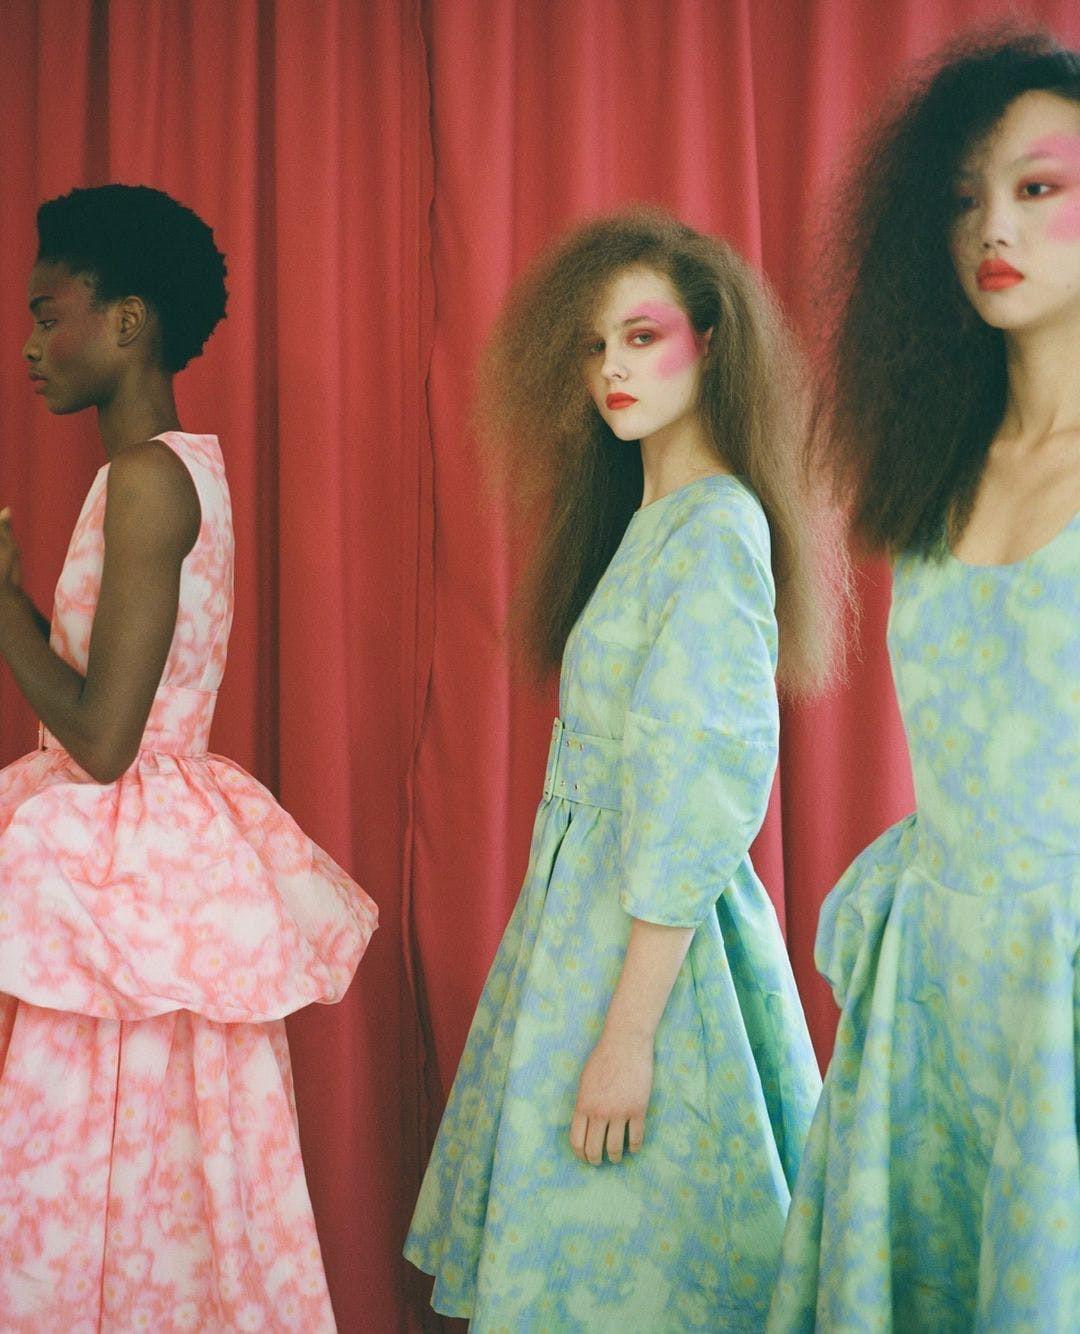 Tuần lễ thời trang London trở lại ngay trong tháng 9 - 1